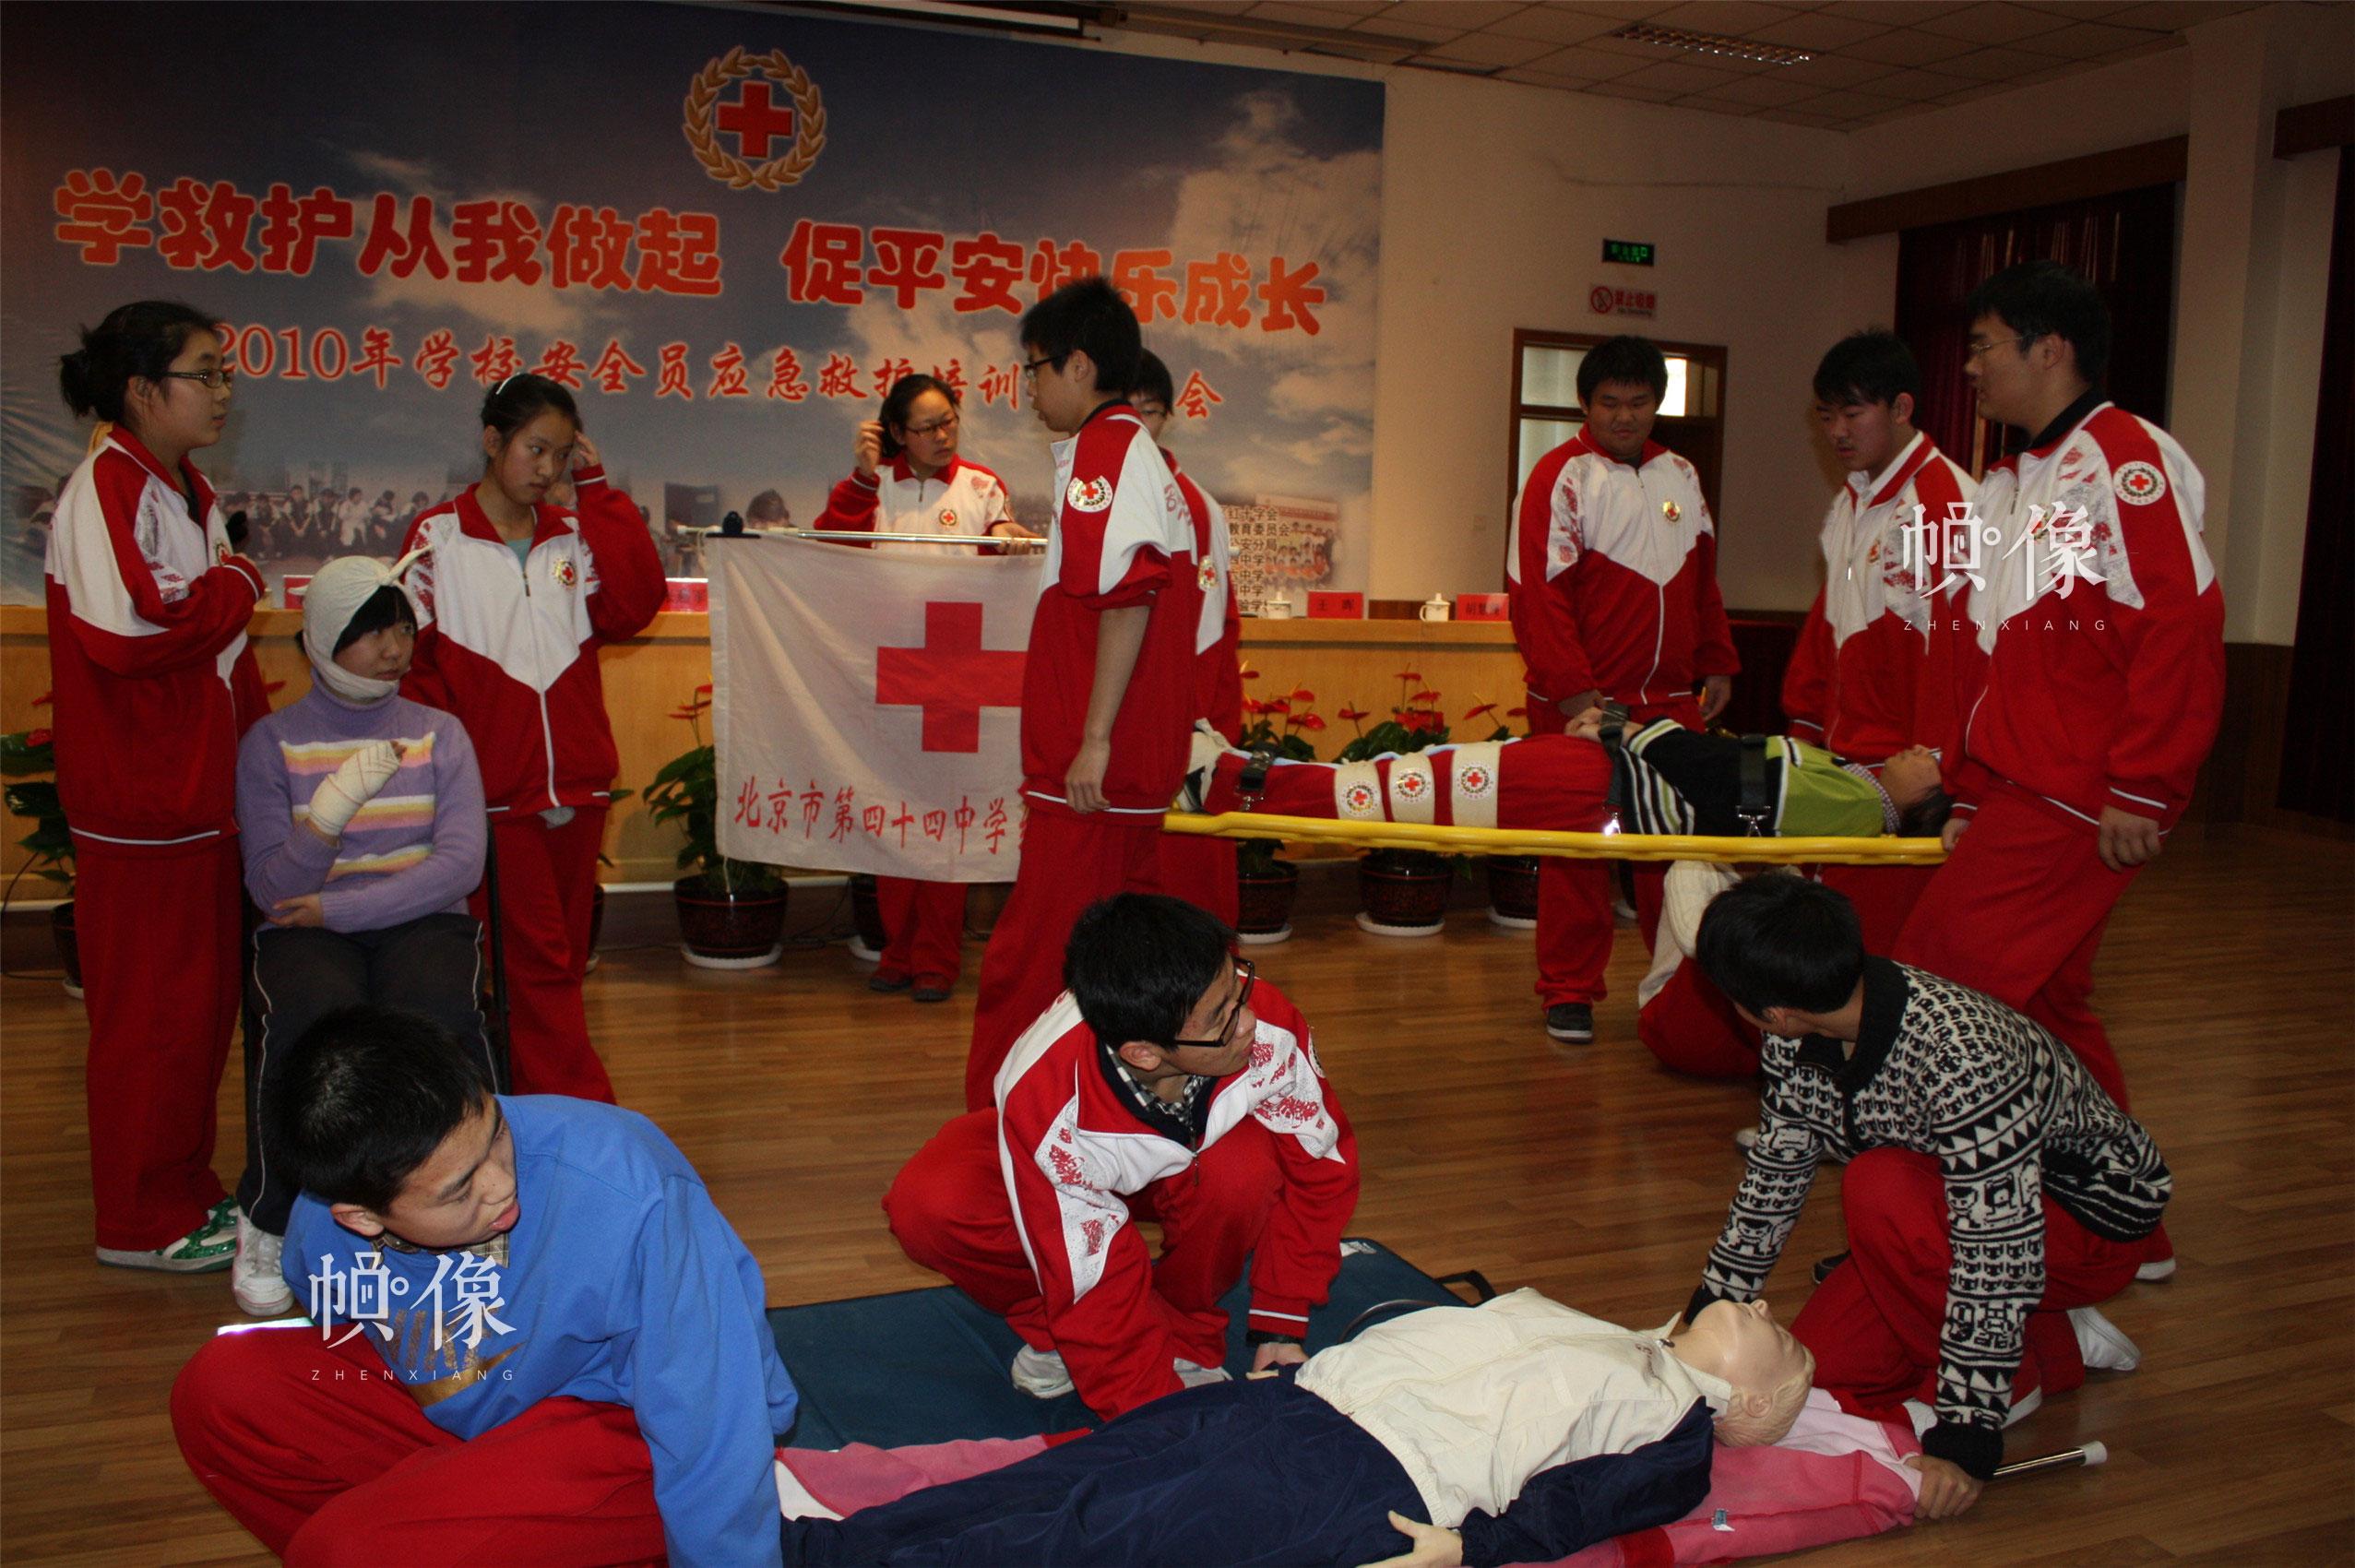 2010年12月14日,西城区红十字会为全区中小学学生安全员进行应急救护培训。图为西城区44中学生进行救护技能演练。(西城区红十字会供图)